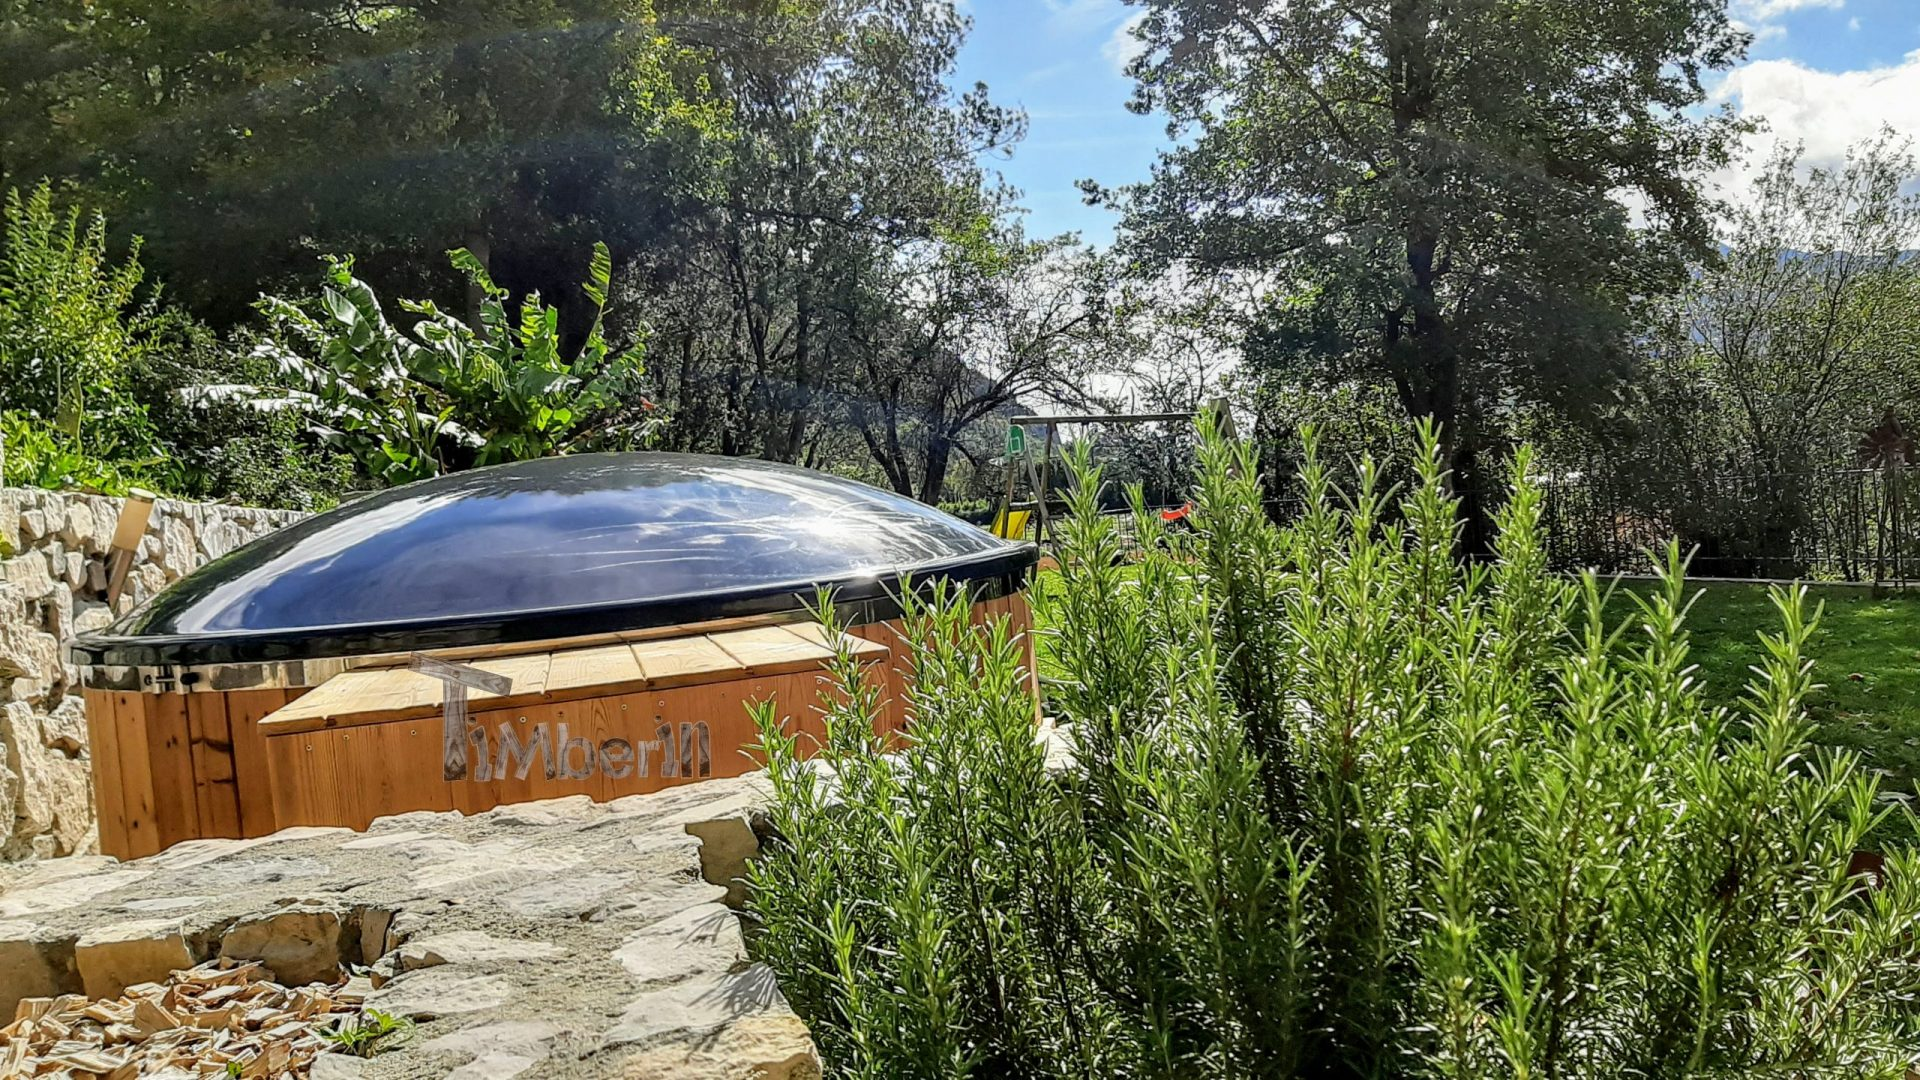 Badezuber elektrisch beheizt – mit Elektroheizung 3 1 scaled